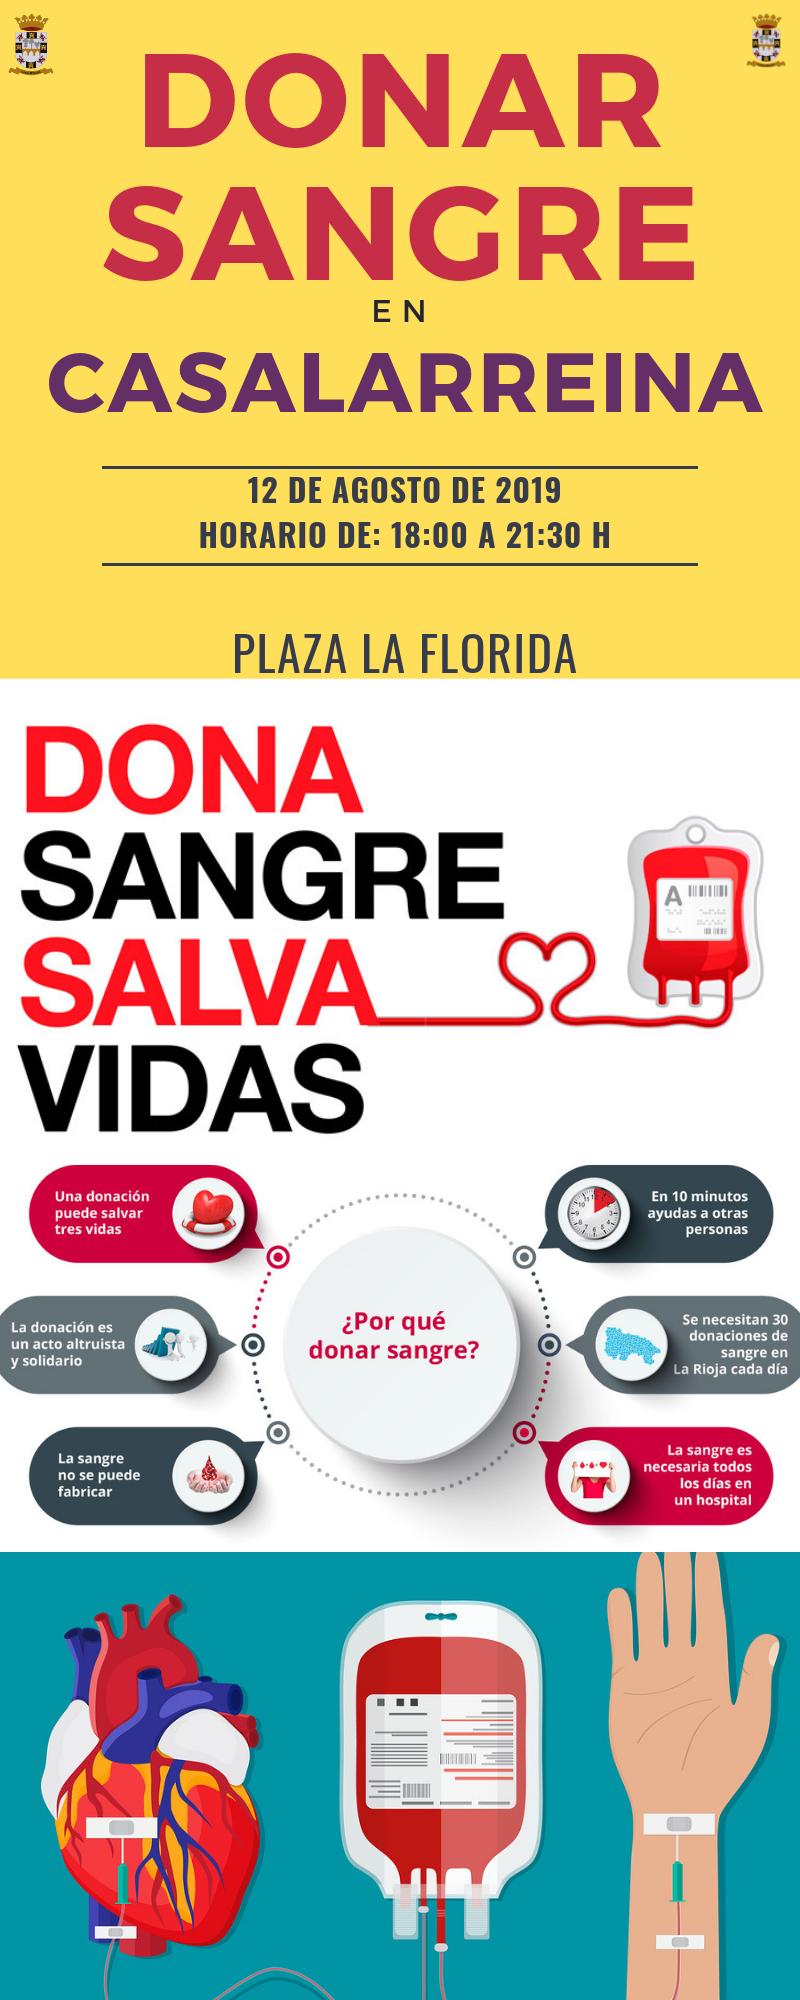 Donación de Sangre en Casalarreina